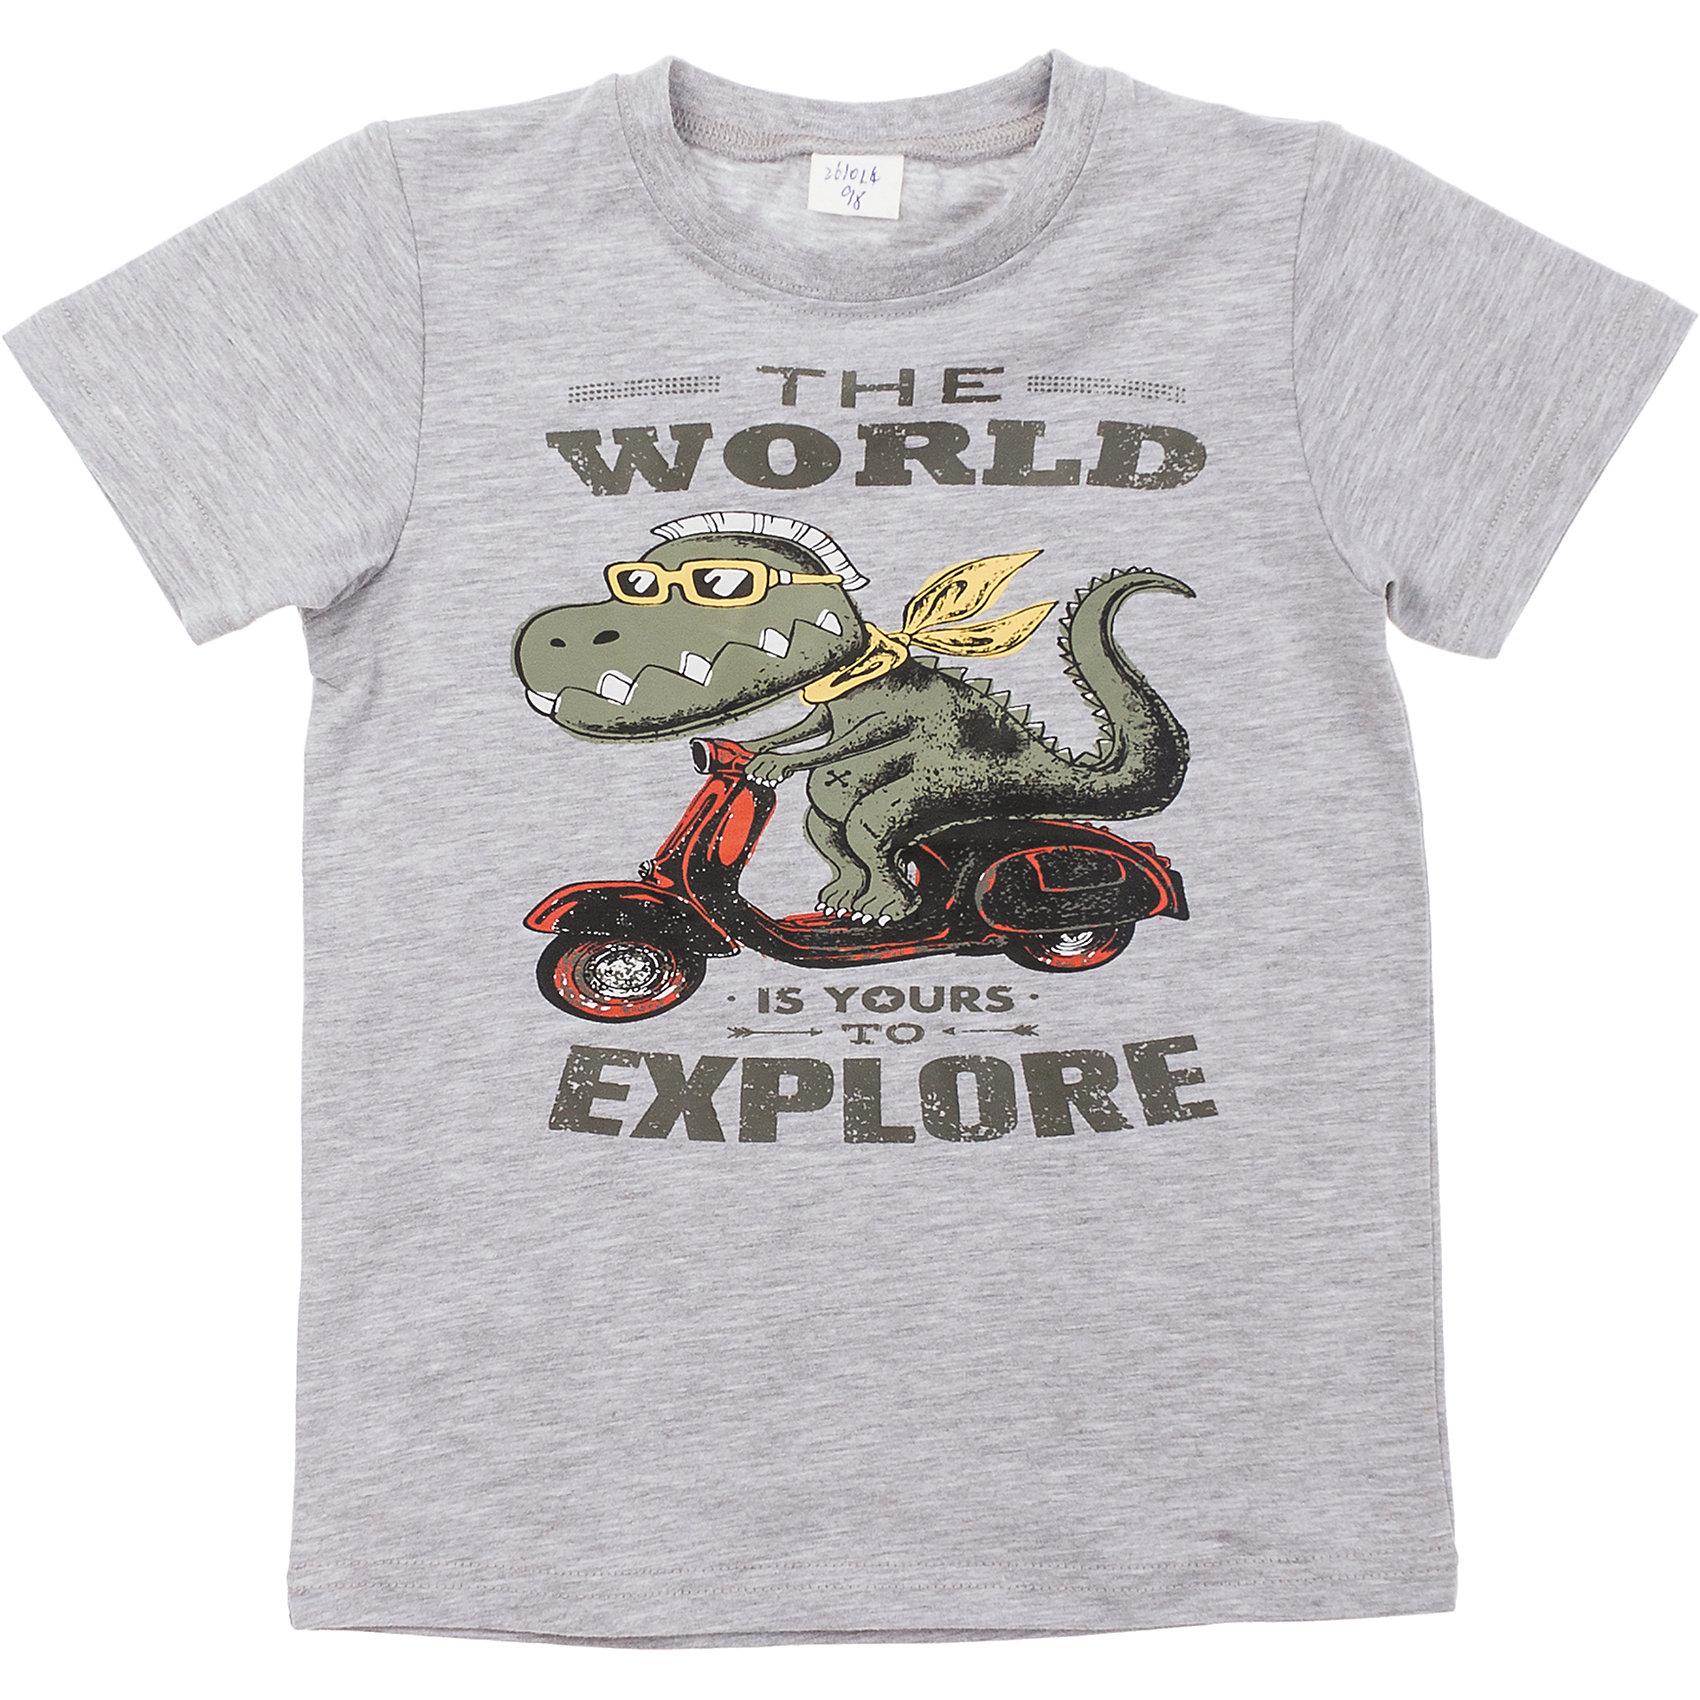 Футболка для мальчика PlayTodayФутболки, поло и топы<br>Легкая хлопковая футболка цвета серый меланж. Украшена резиновым принтом с динозавром. На воротнике мягкая резинка. Состав: 95% хлопок, 5% эластан<br><br>Ширина мм: 199<br>Глубина мм: 10<br>Высота мм: 161<br>Вес г: 151<br>Цвет: серый<br>Возраст от месяцев: 84<br>Возраст до месяцев: 96<br>Пол: Мужской<br>Возраст: Детский<br>Размер: 128,98,122,116,104,110<br>SKU: 4652505